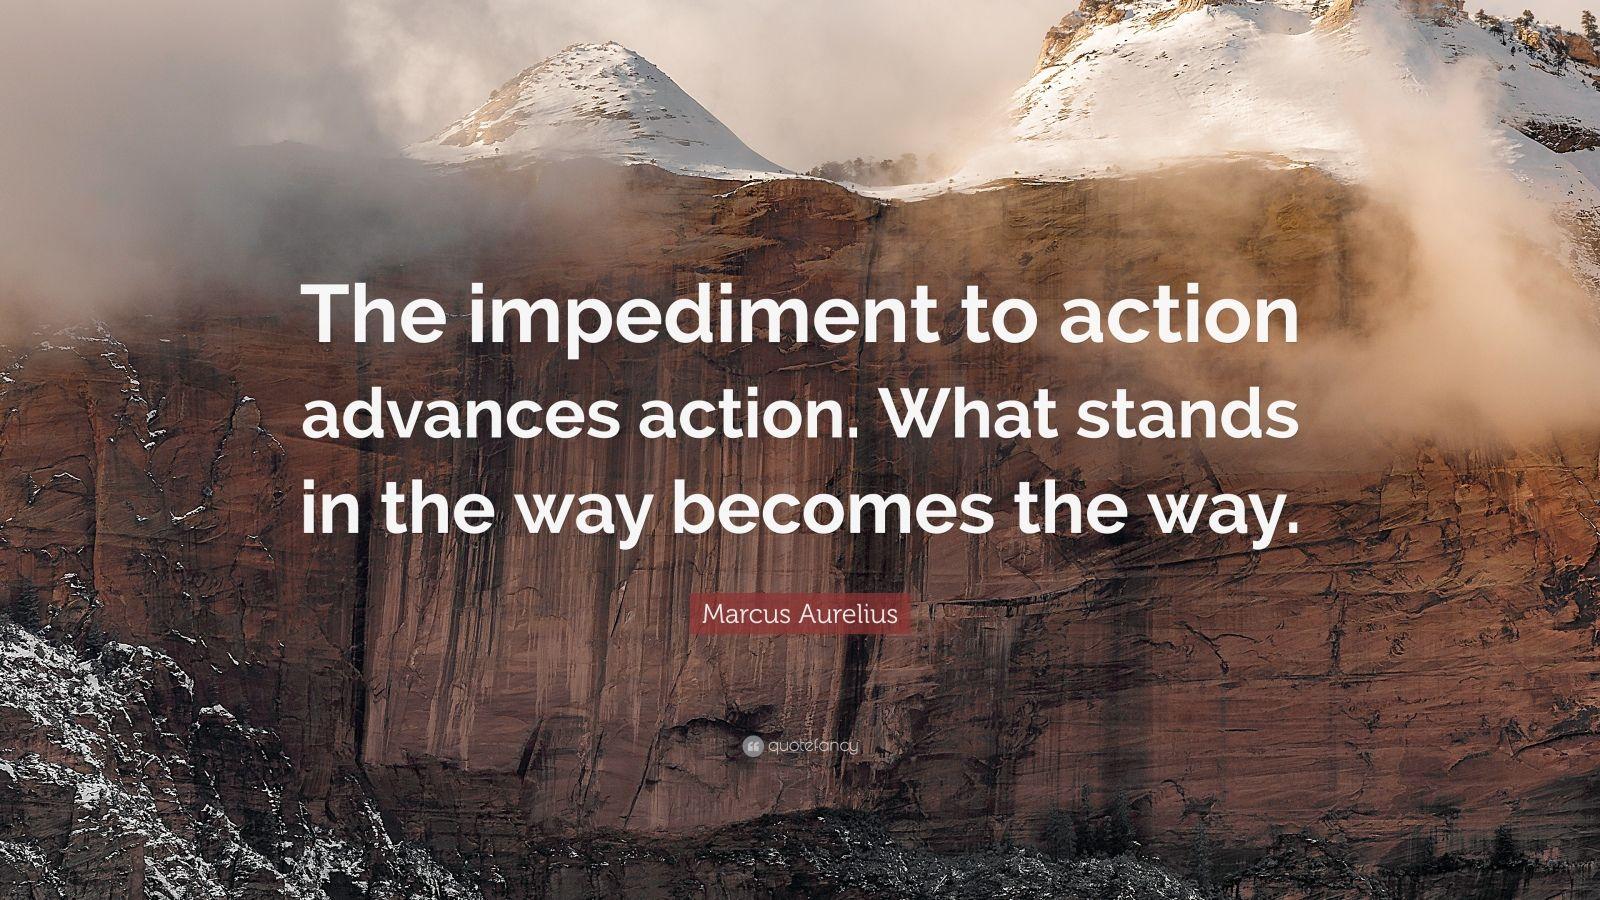 Dalai Lama Wallpaper Quotes Marcus Aurelius Quote The Impediment To Action Advances